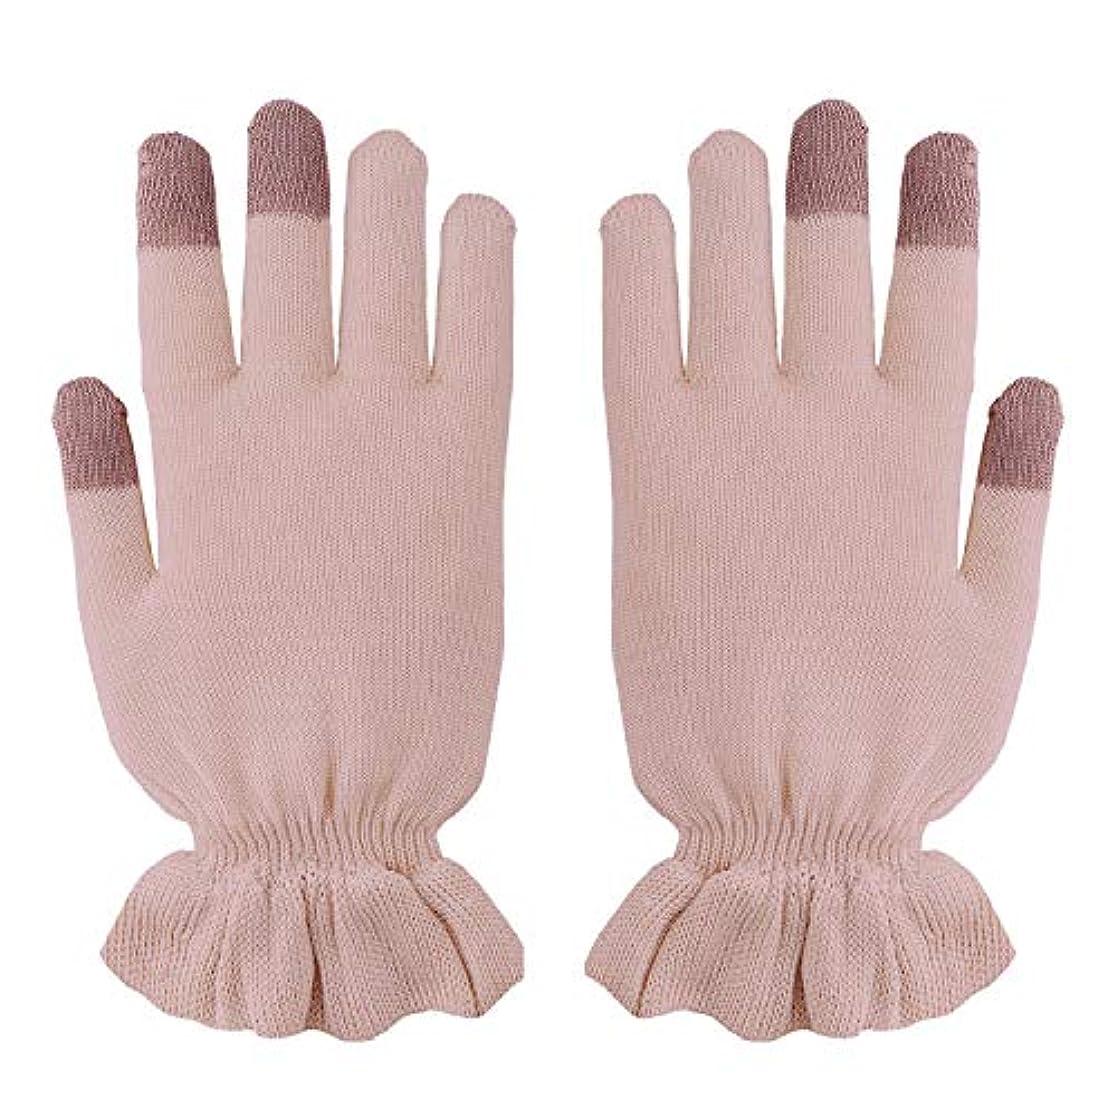 め言葉雇う熱おやすみシルク 手袋 絹(シルク)のおもてなし 手荒れ予防 保湿 (ピンク)